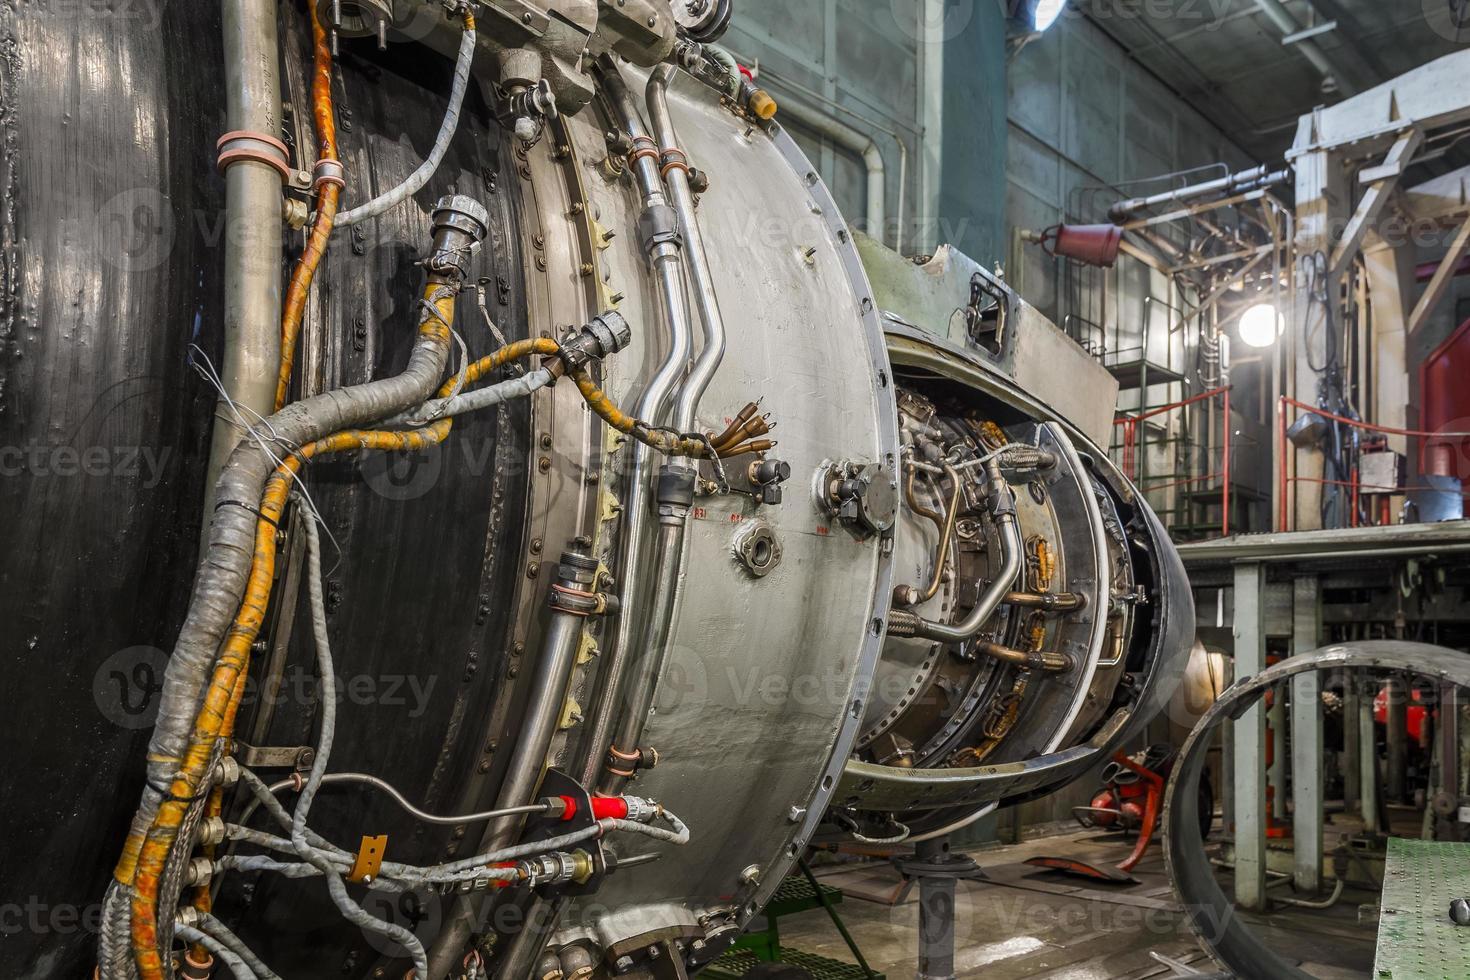 turbomoteur dans le hangar de l'aviation photo